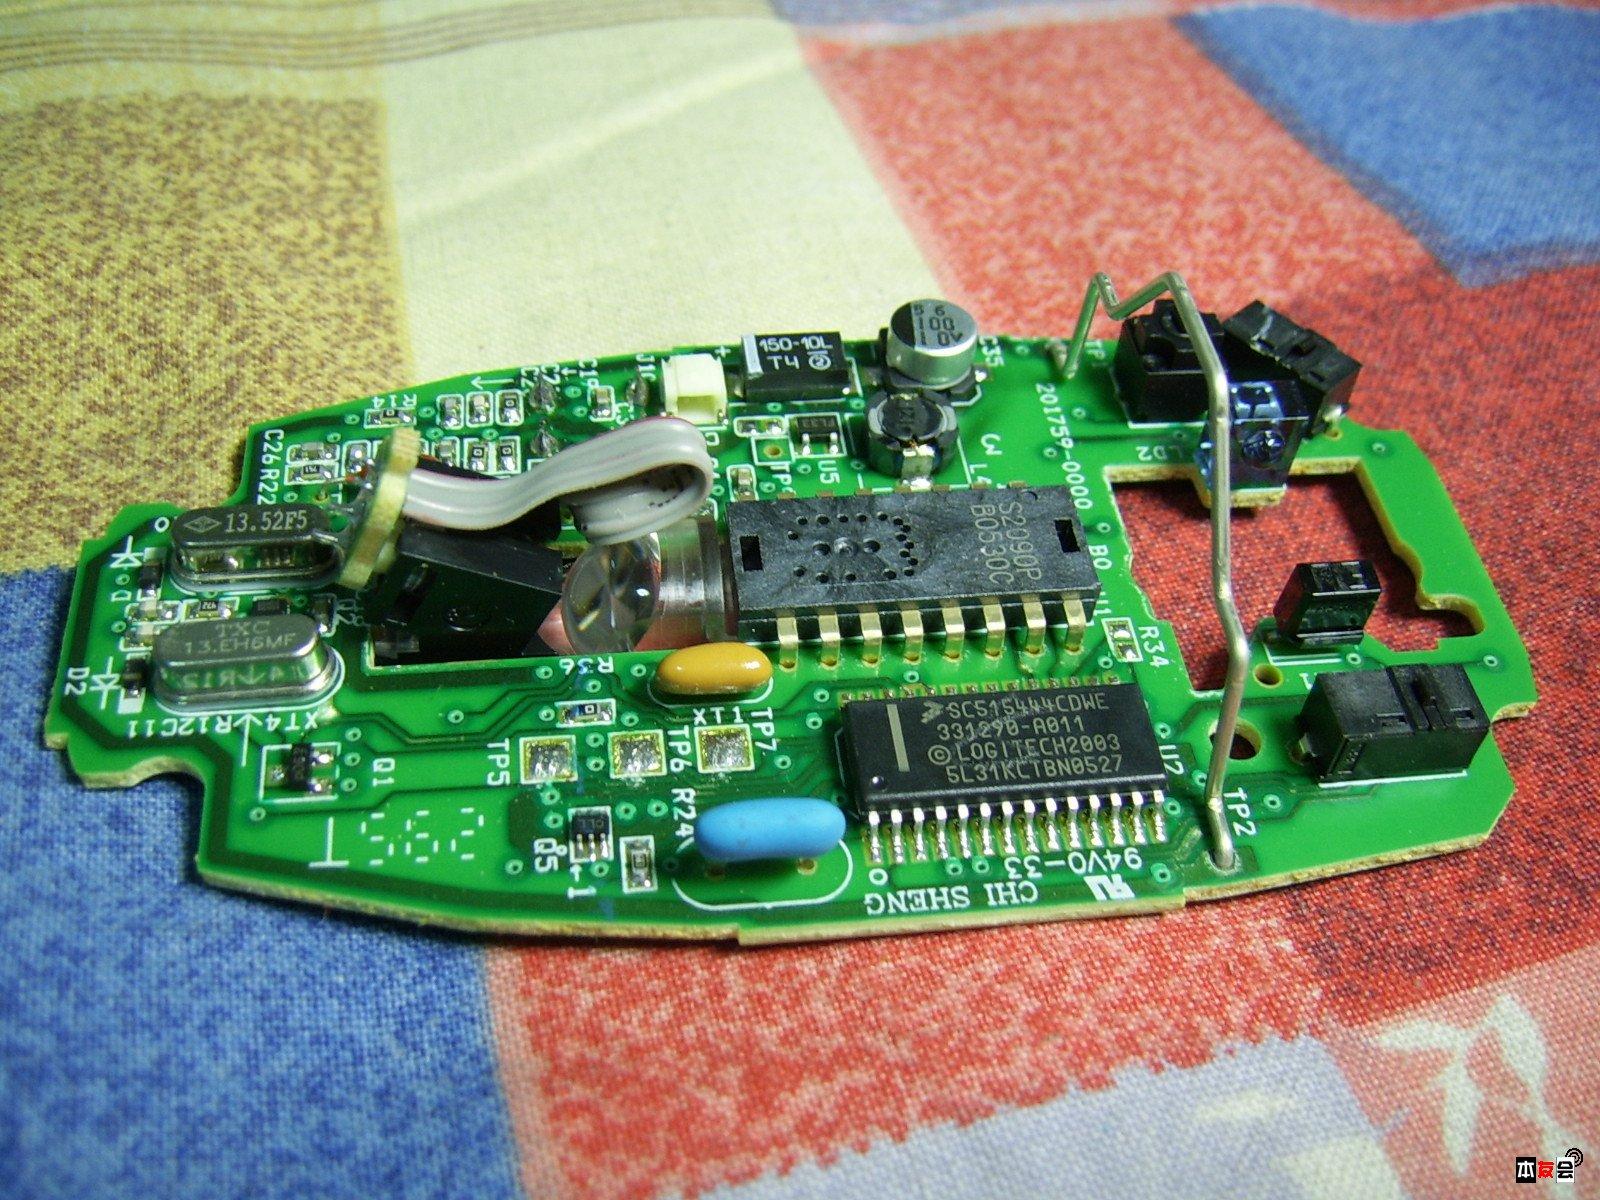 电路板上焊点大小不一,甚至有的鼠标主板上还有飞线.